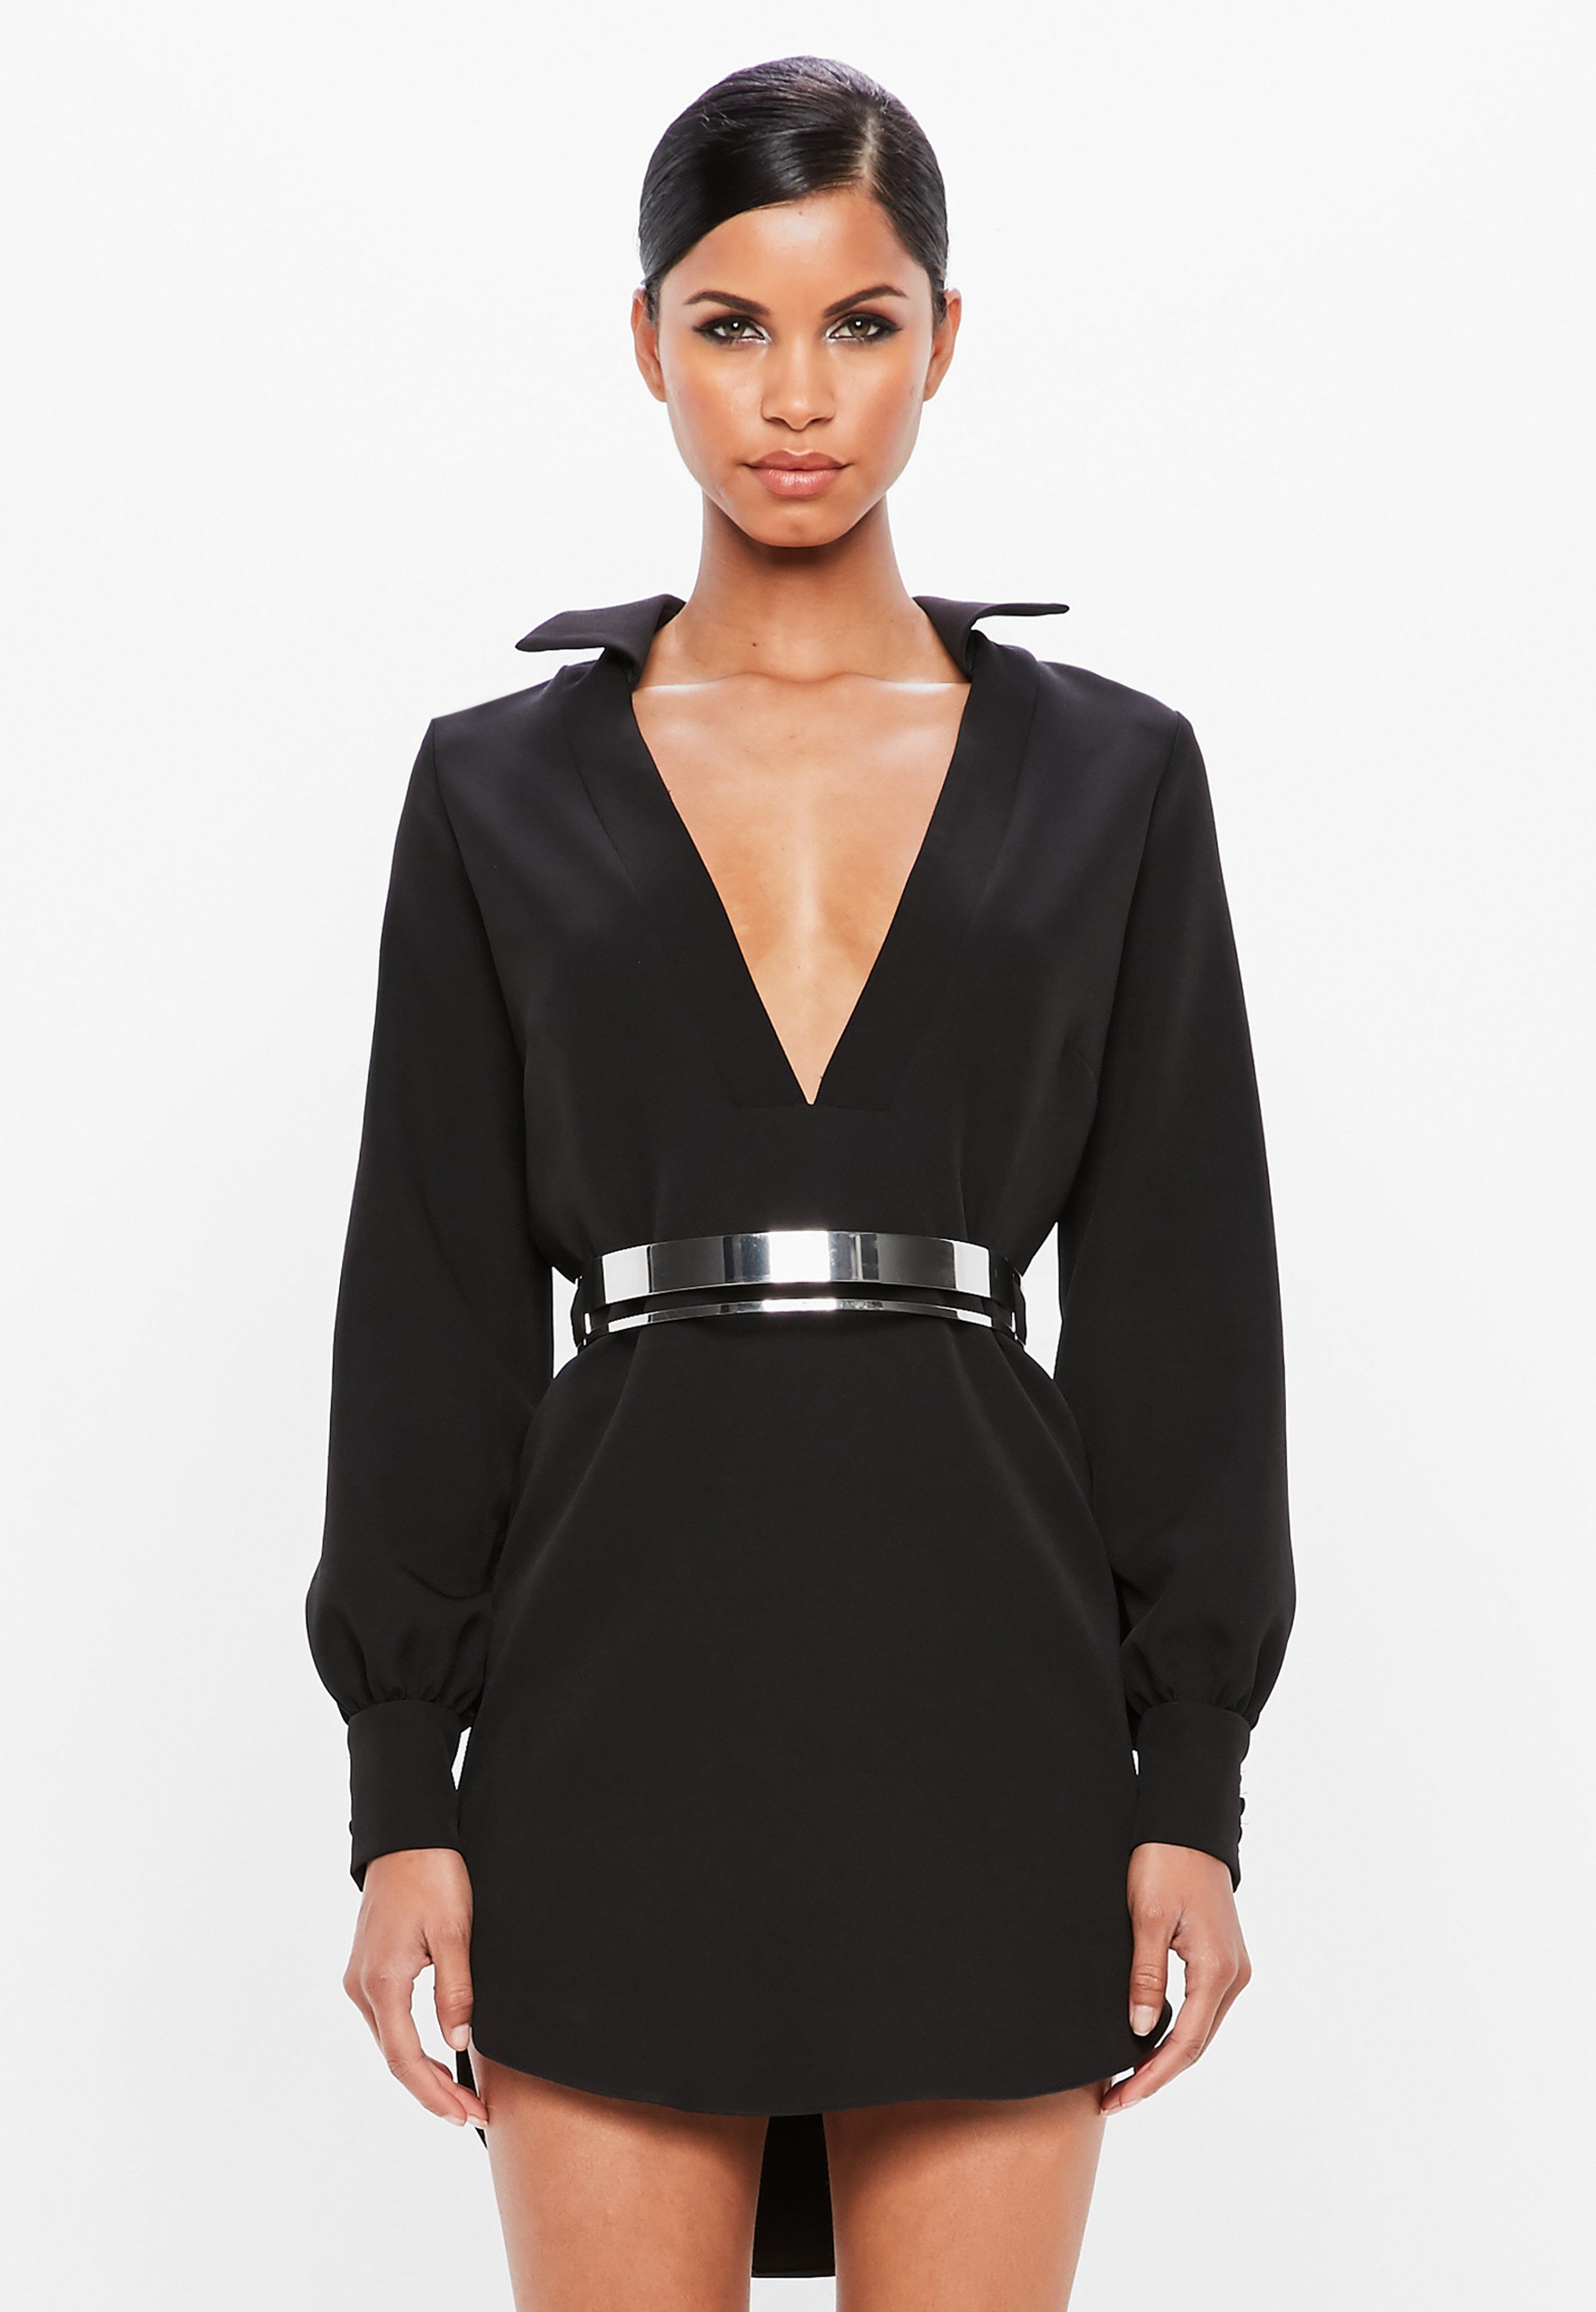 V Black Loose Front Collar PeaceLove Fit Dress gb7fyvY6